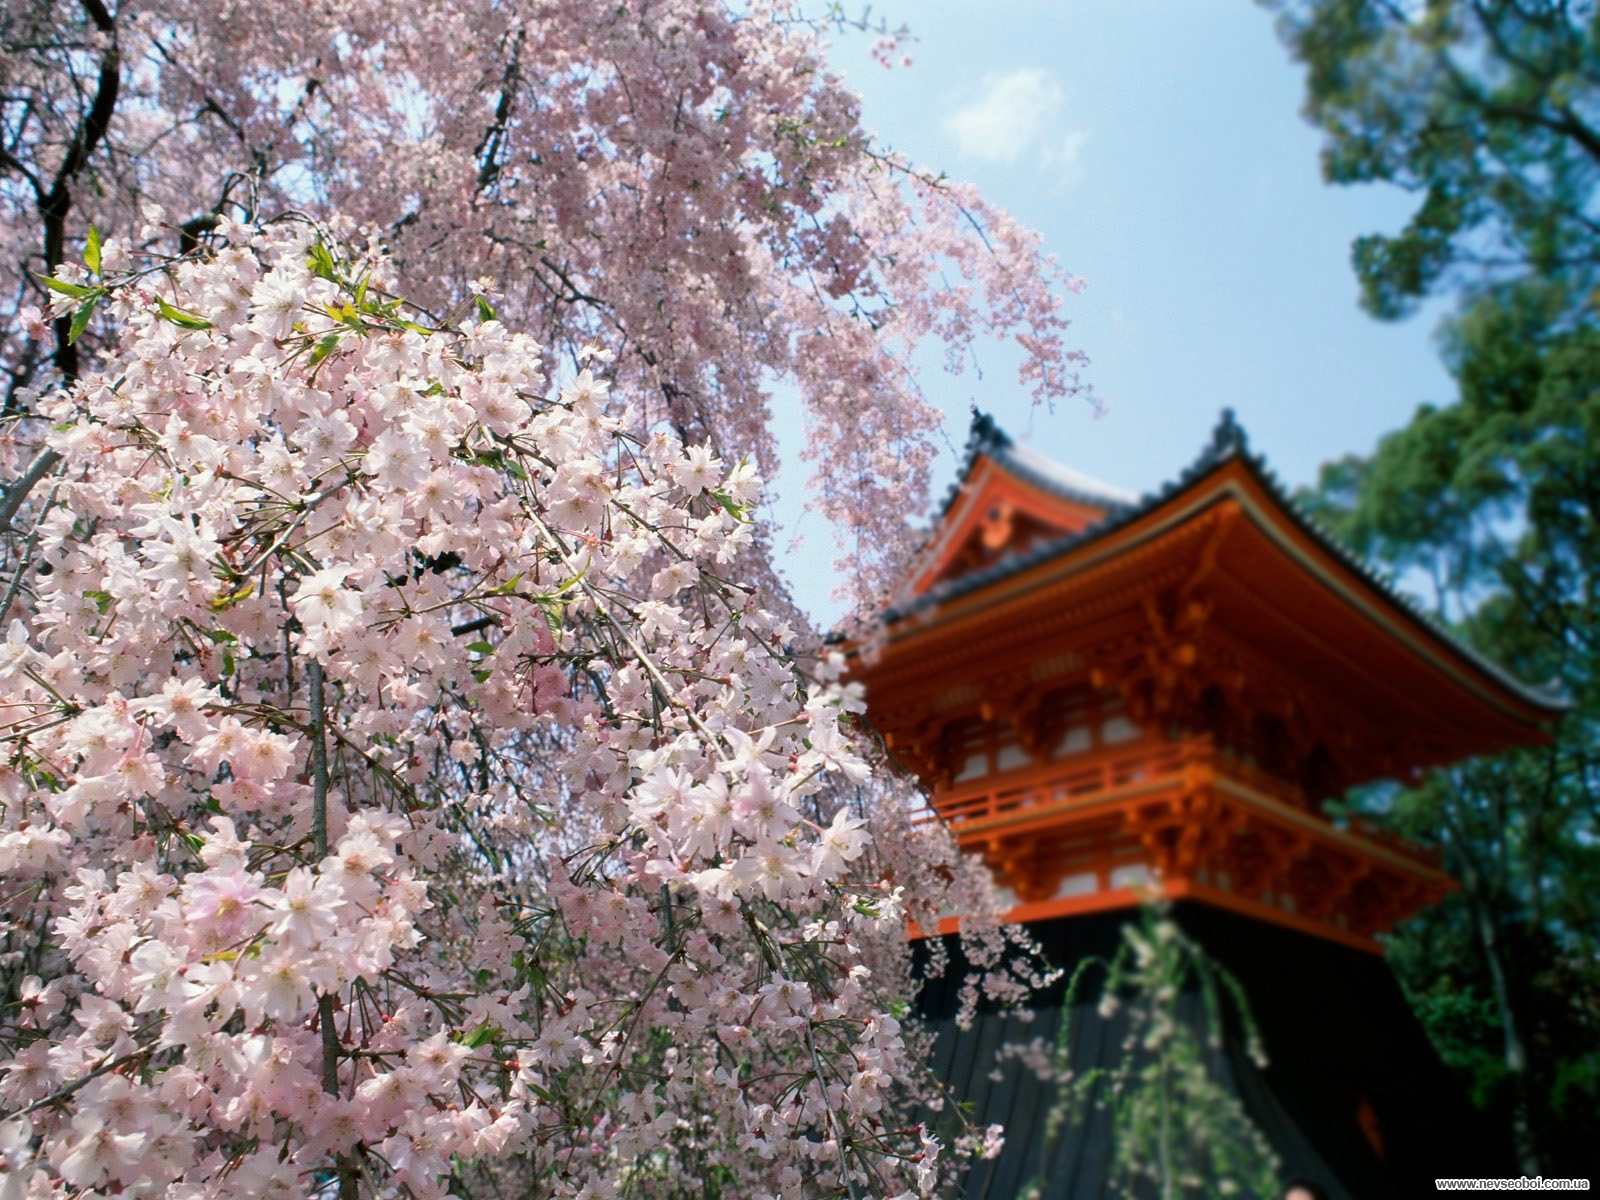 Les bons plans & Voyages au Japon 1297698744_126_www.nevseoboi.com.ua